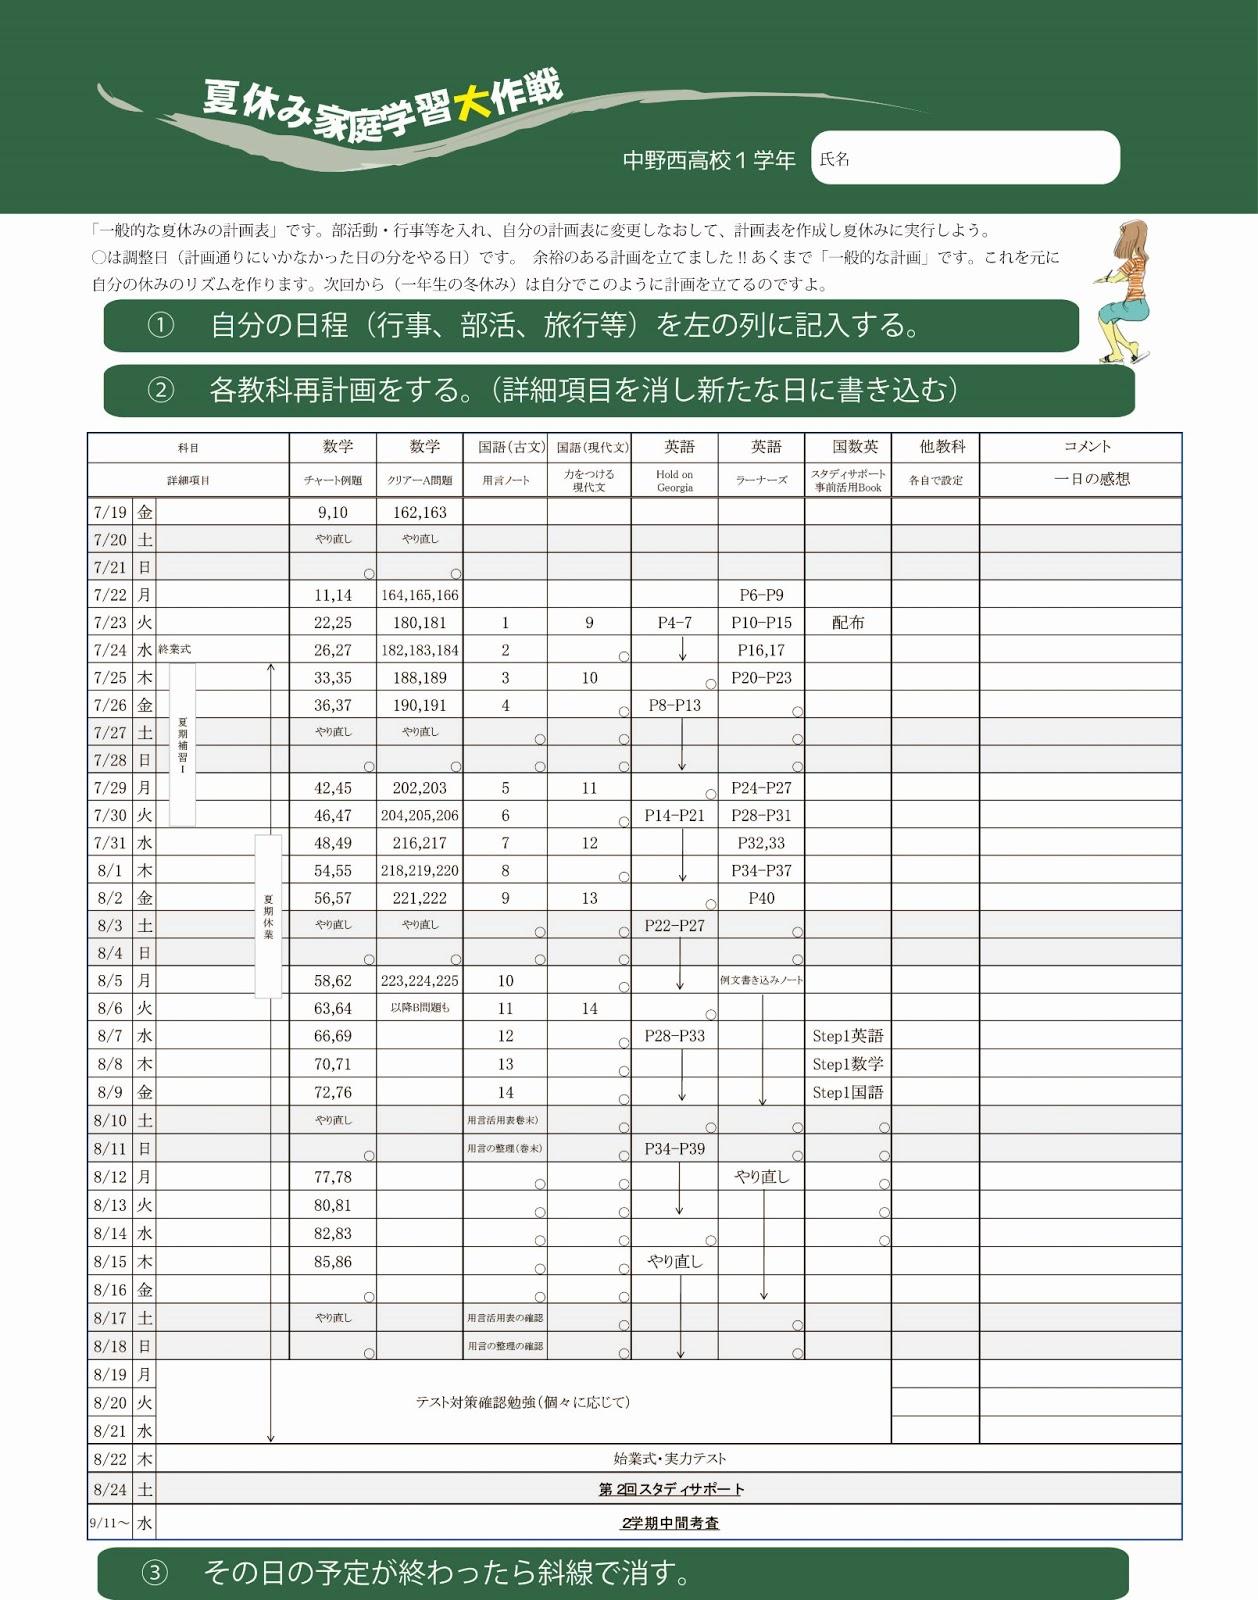 ... 高校30期生: 夏休み学習計画表 : カレンダー 学習 : カレンダー